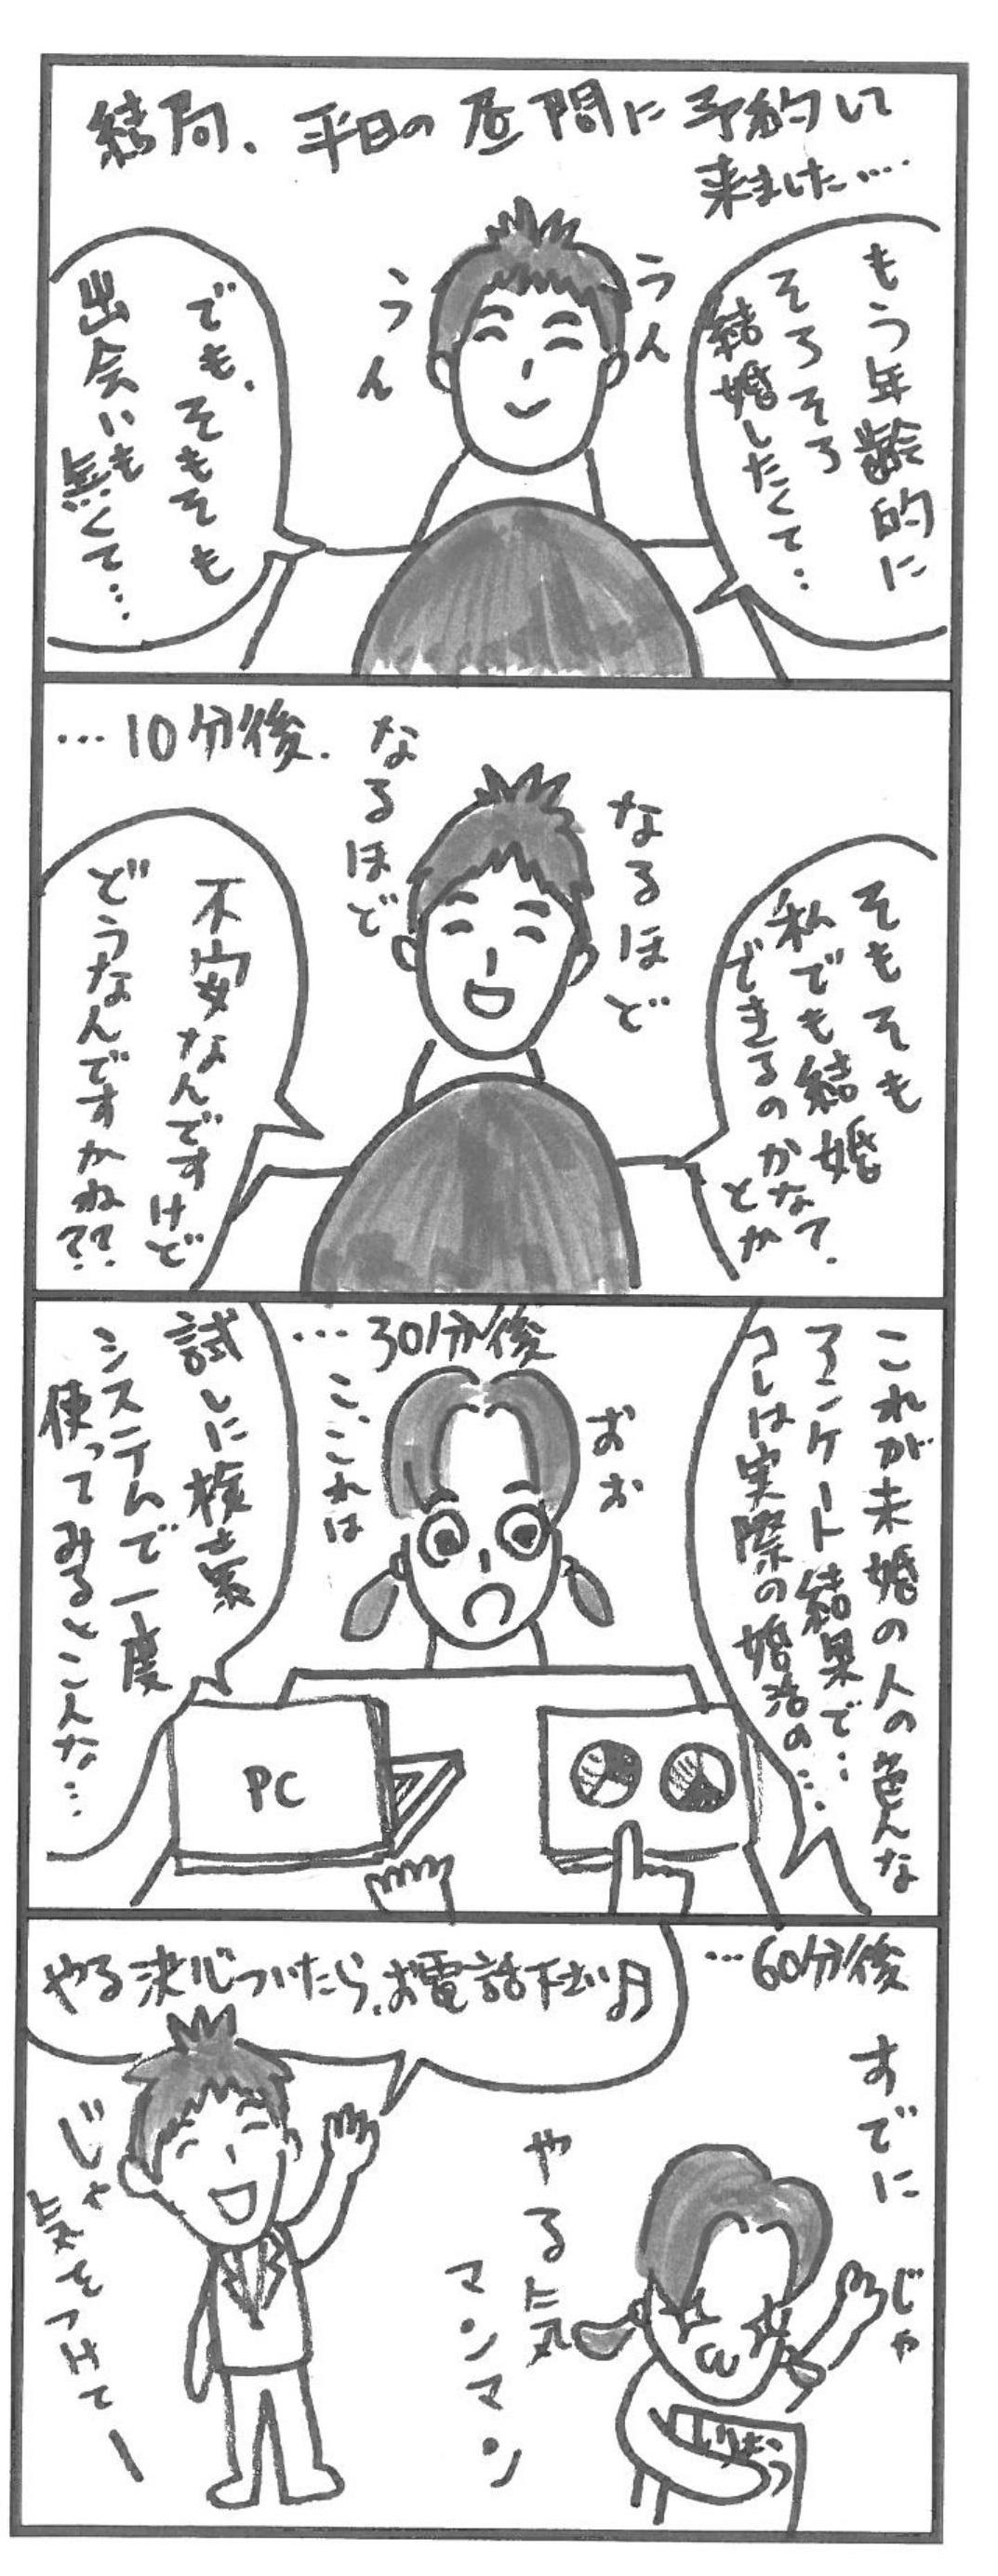 http://www.dearbride.tokyo/blogs/20171109-homepage.jpg